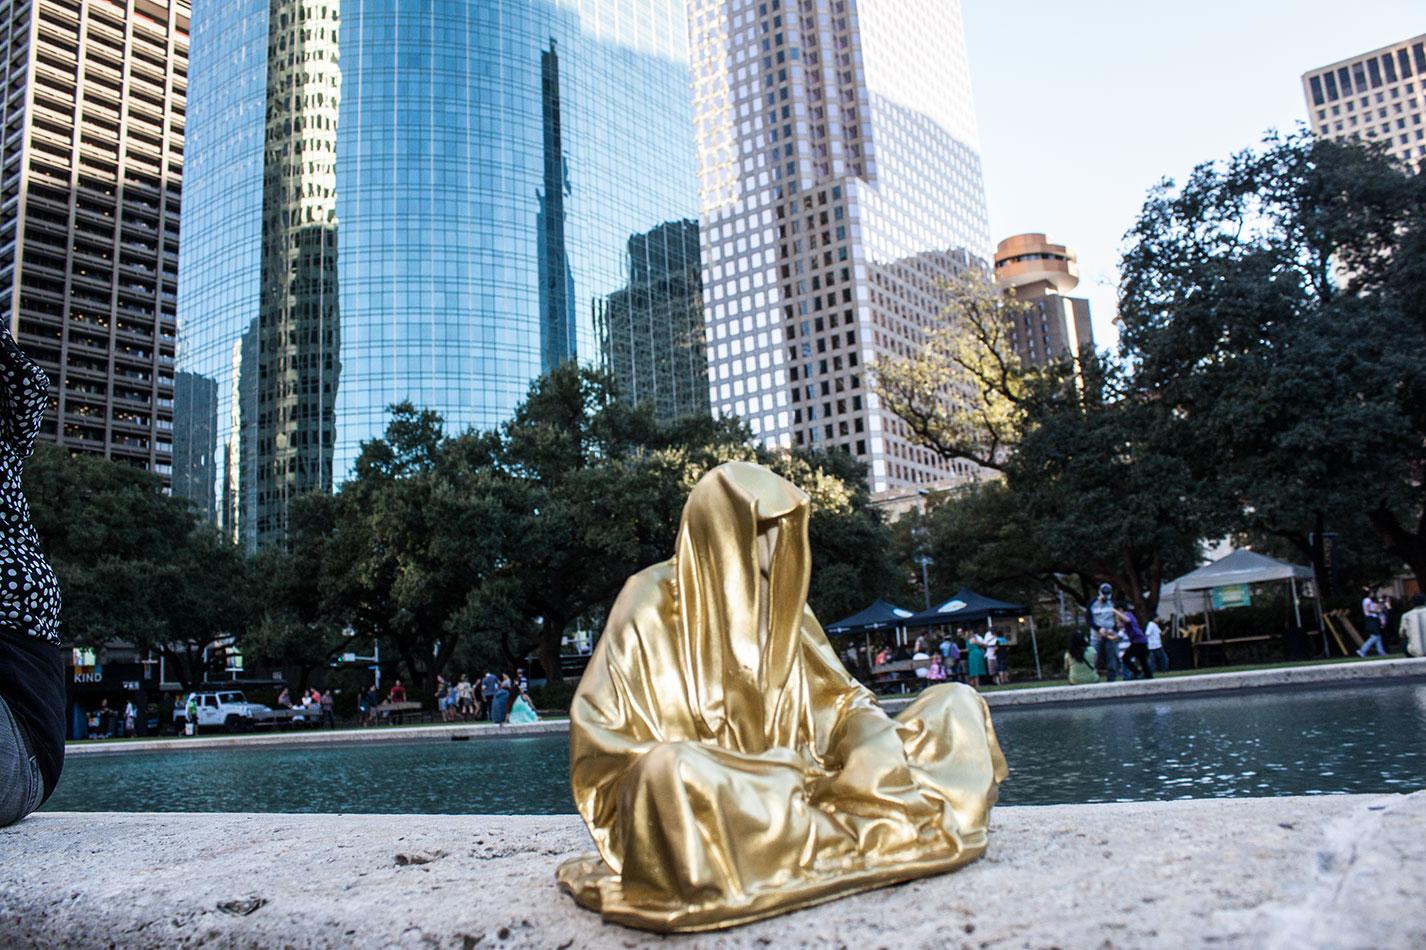 public-art-usa-tour-houston-texas-art-arts-arte-design-guardians-of-time-manfred-kielnhofer-contemporary-fine-art-antiques-5252